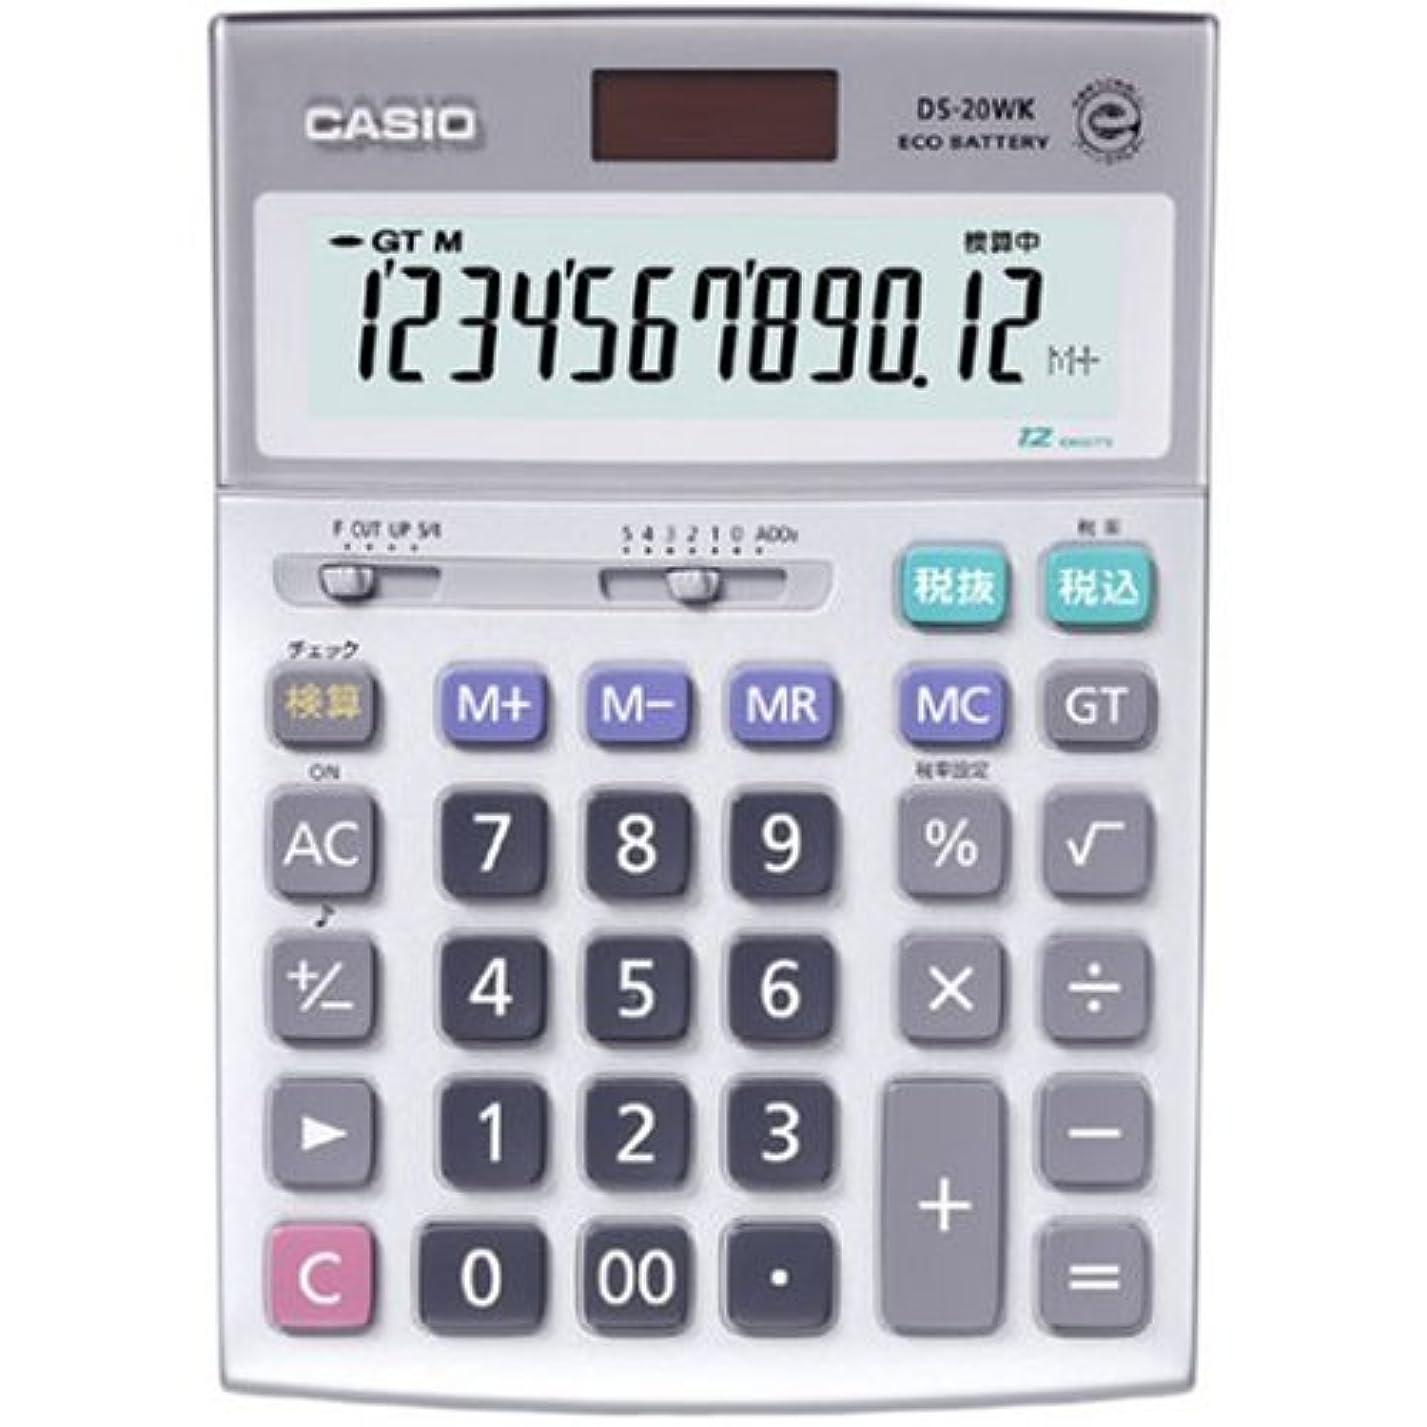 ベテラン失礼台風カシオ計算機 実務電卓 12桁 検算機能付き ブリスターパッケージ デスクタイプ DS-20WK-N